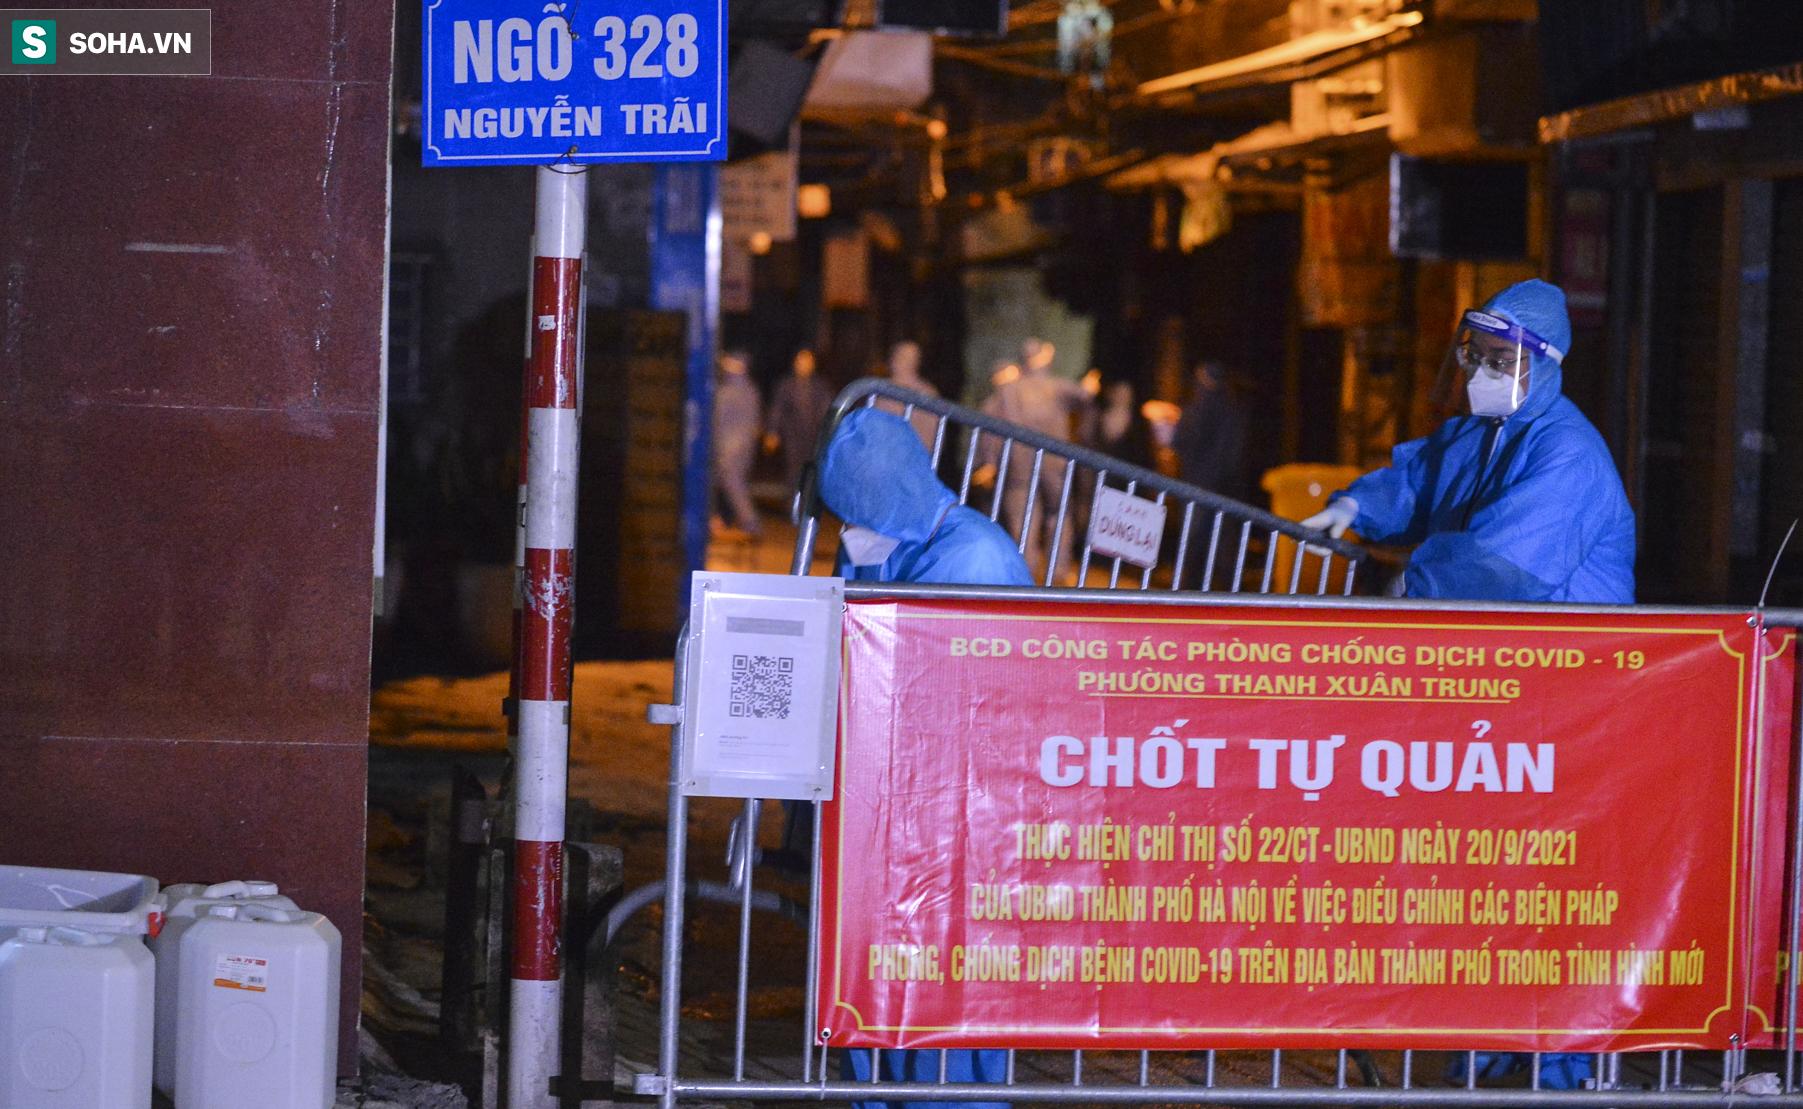 Hà Nội: Dỡ phong toả ổ dịch Thanh Xuân Trung, nhân viên y tế vui mừng bật khóc nức nở - Ảnh 11.